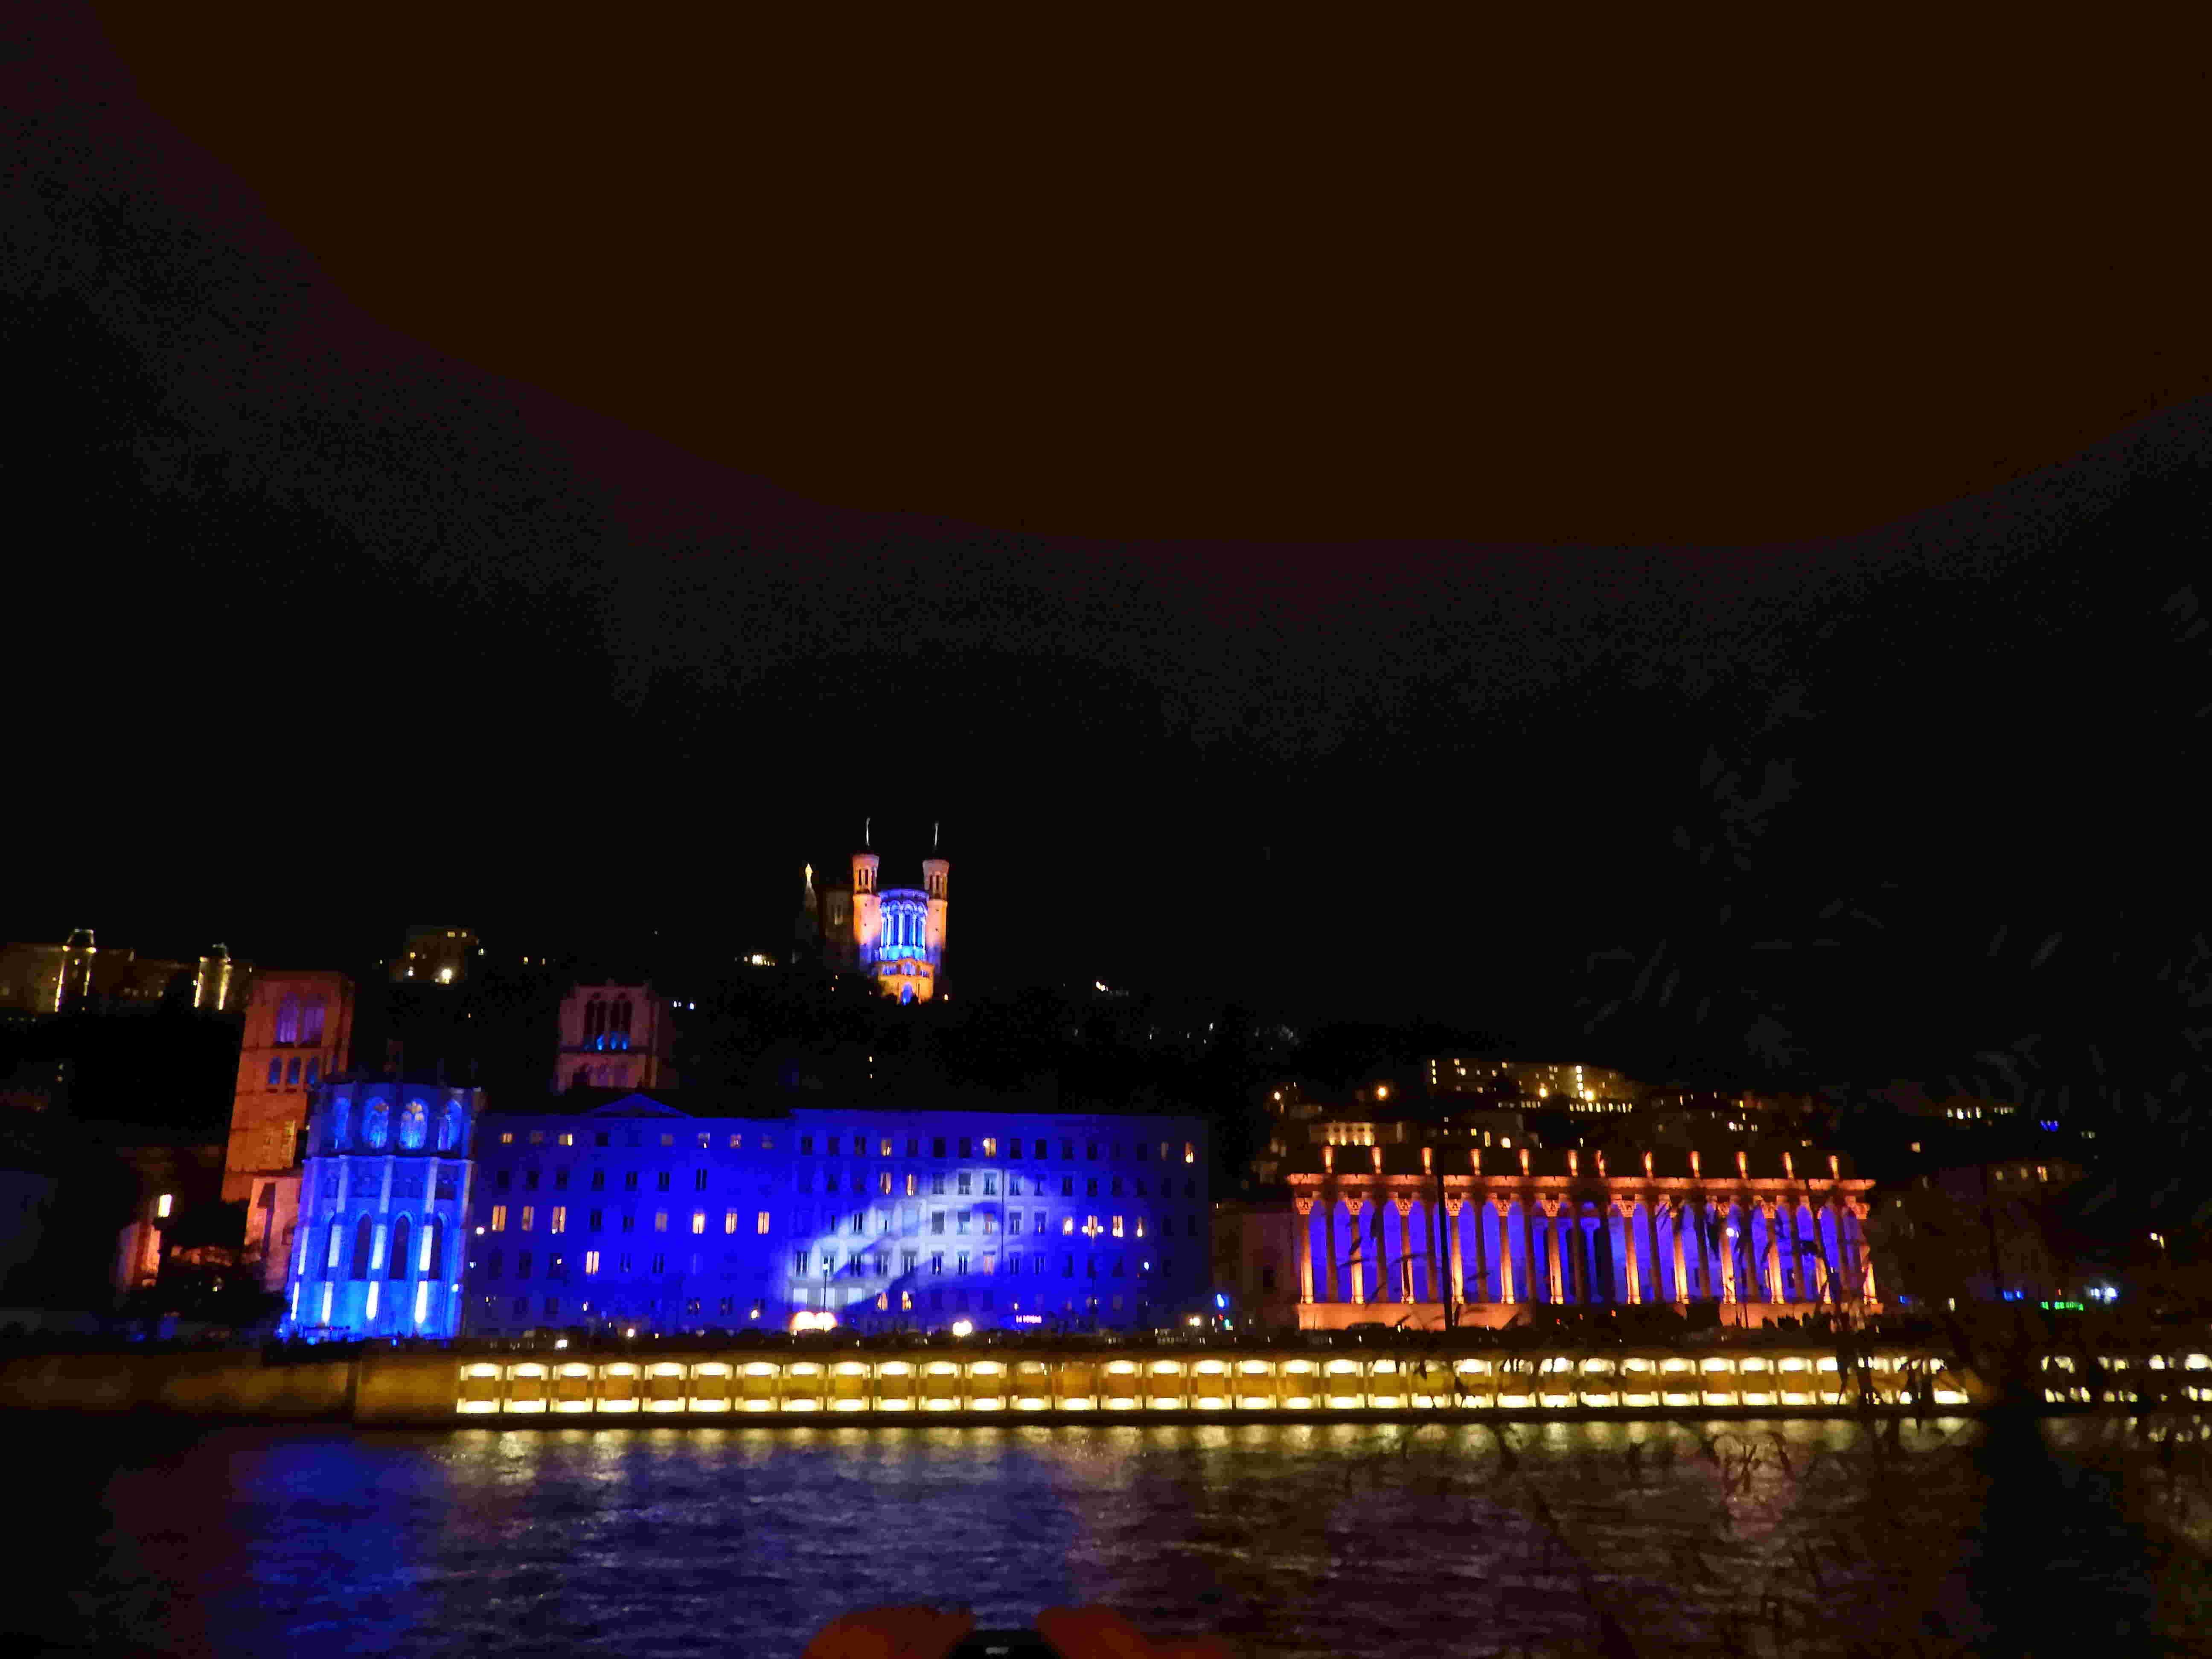 la fête des lumières: un 8 décembre multicolore à LYON  Dscn2215